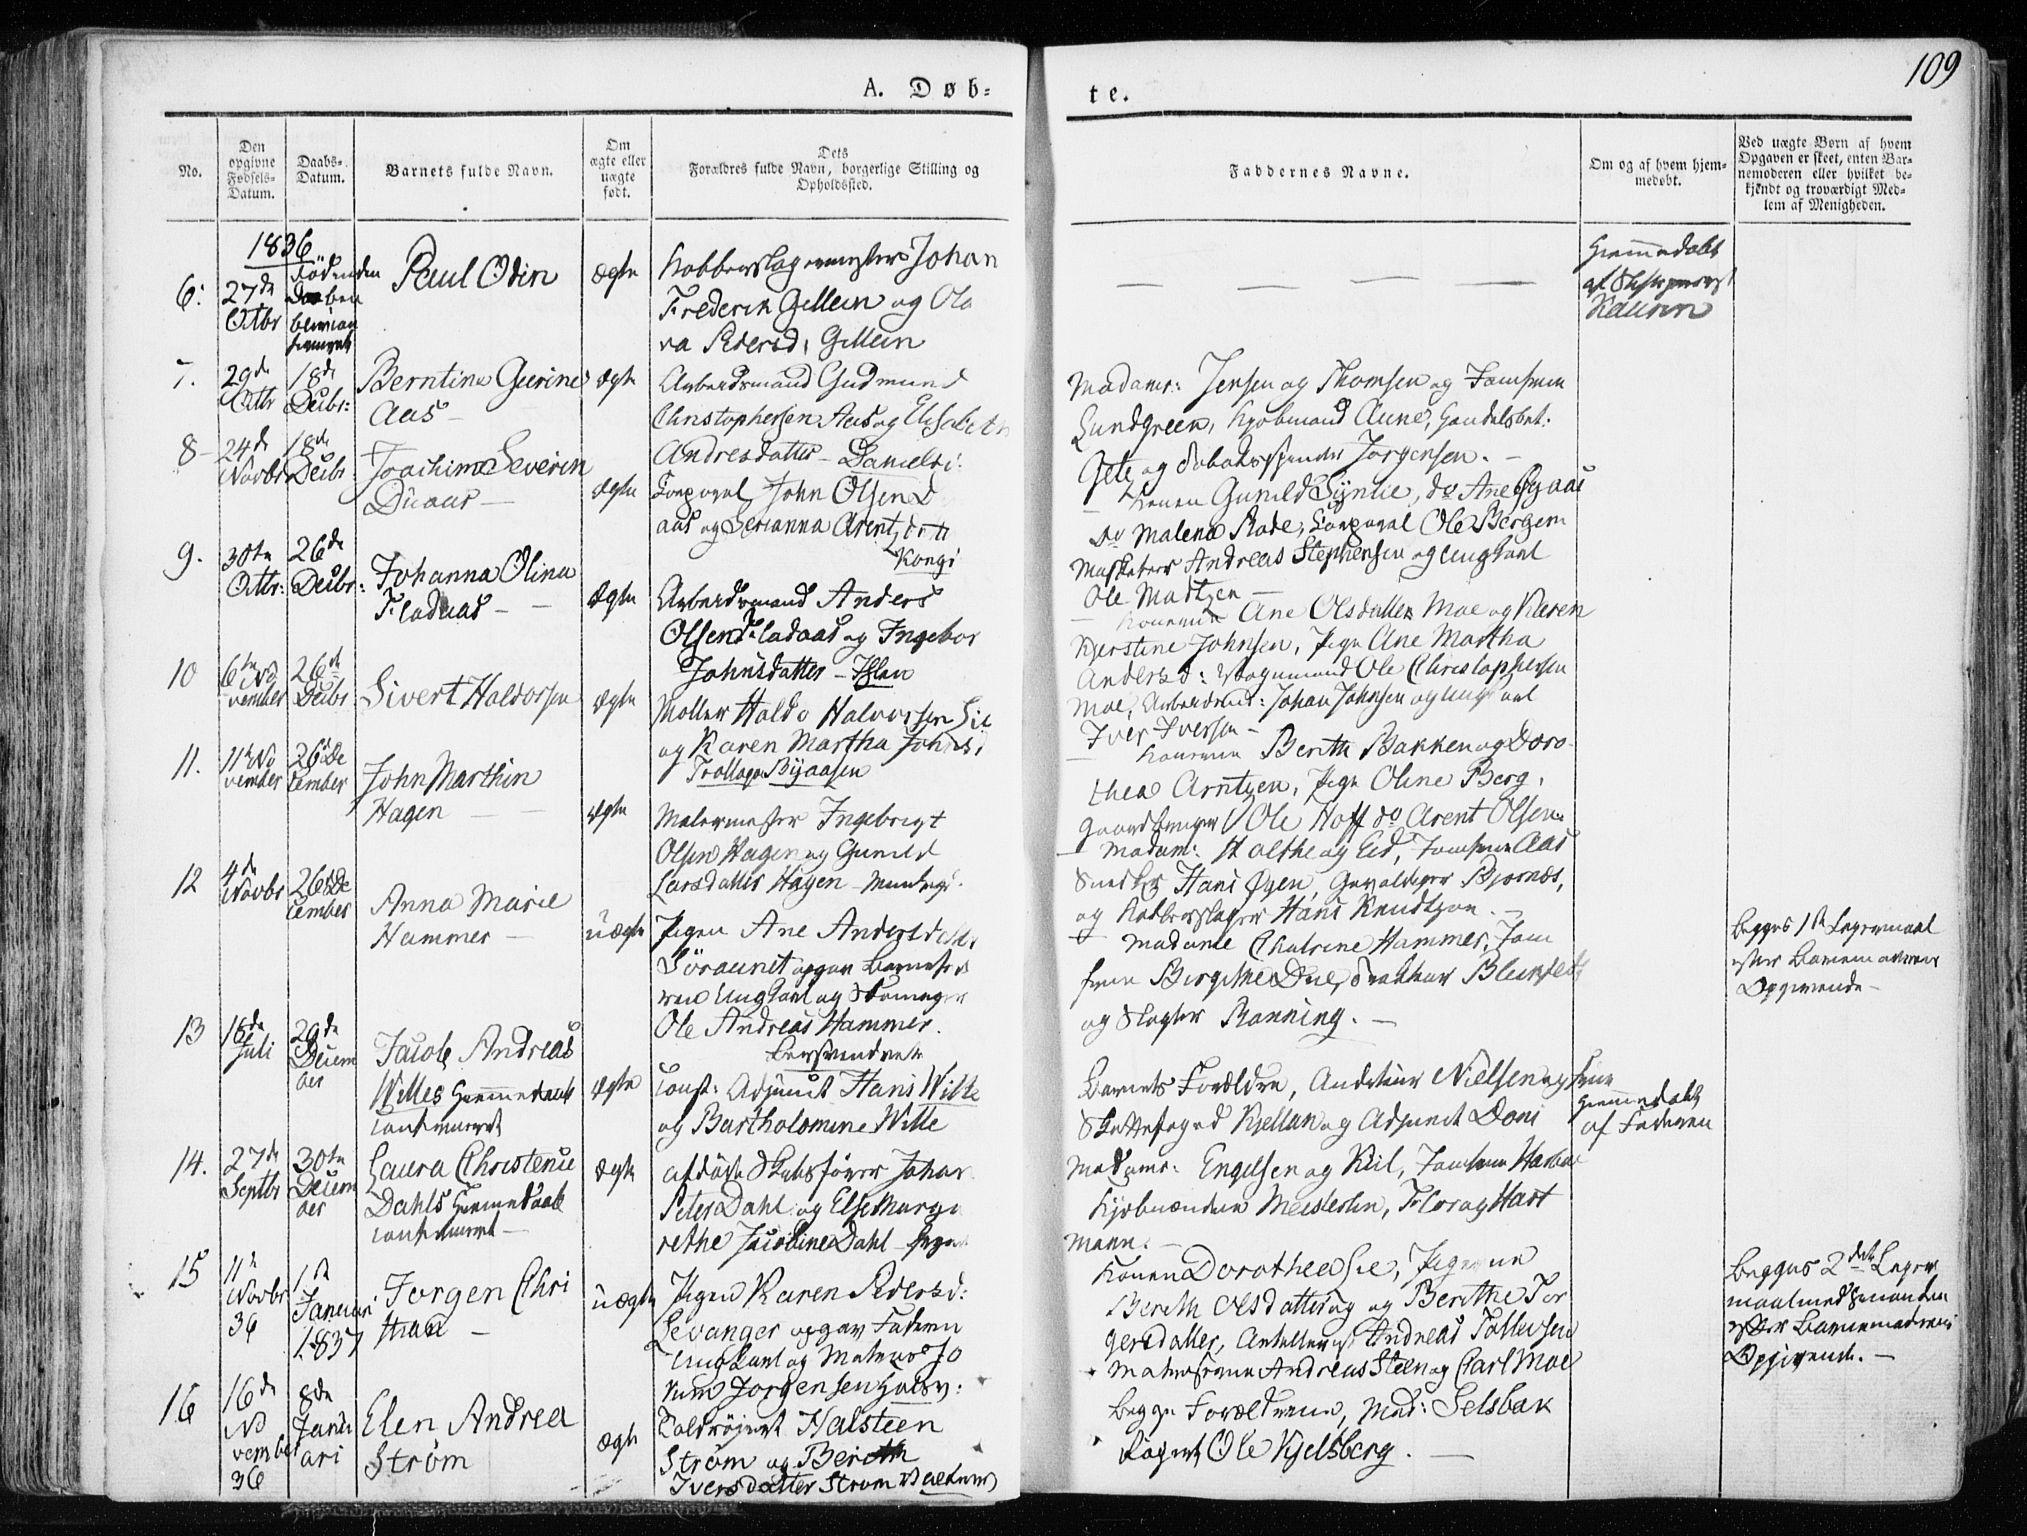 SAT, Ministerialprotokoller, klokkerbøker og fødselsregistre - Sør-Trøndelag, 601/L0047: Ministerialbok nr. 601A15, 1831-1839, s. 109